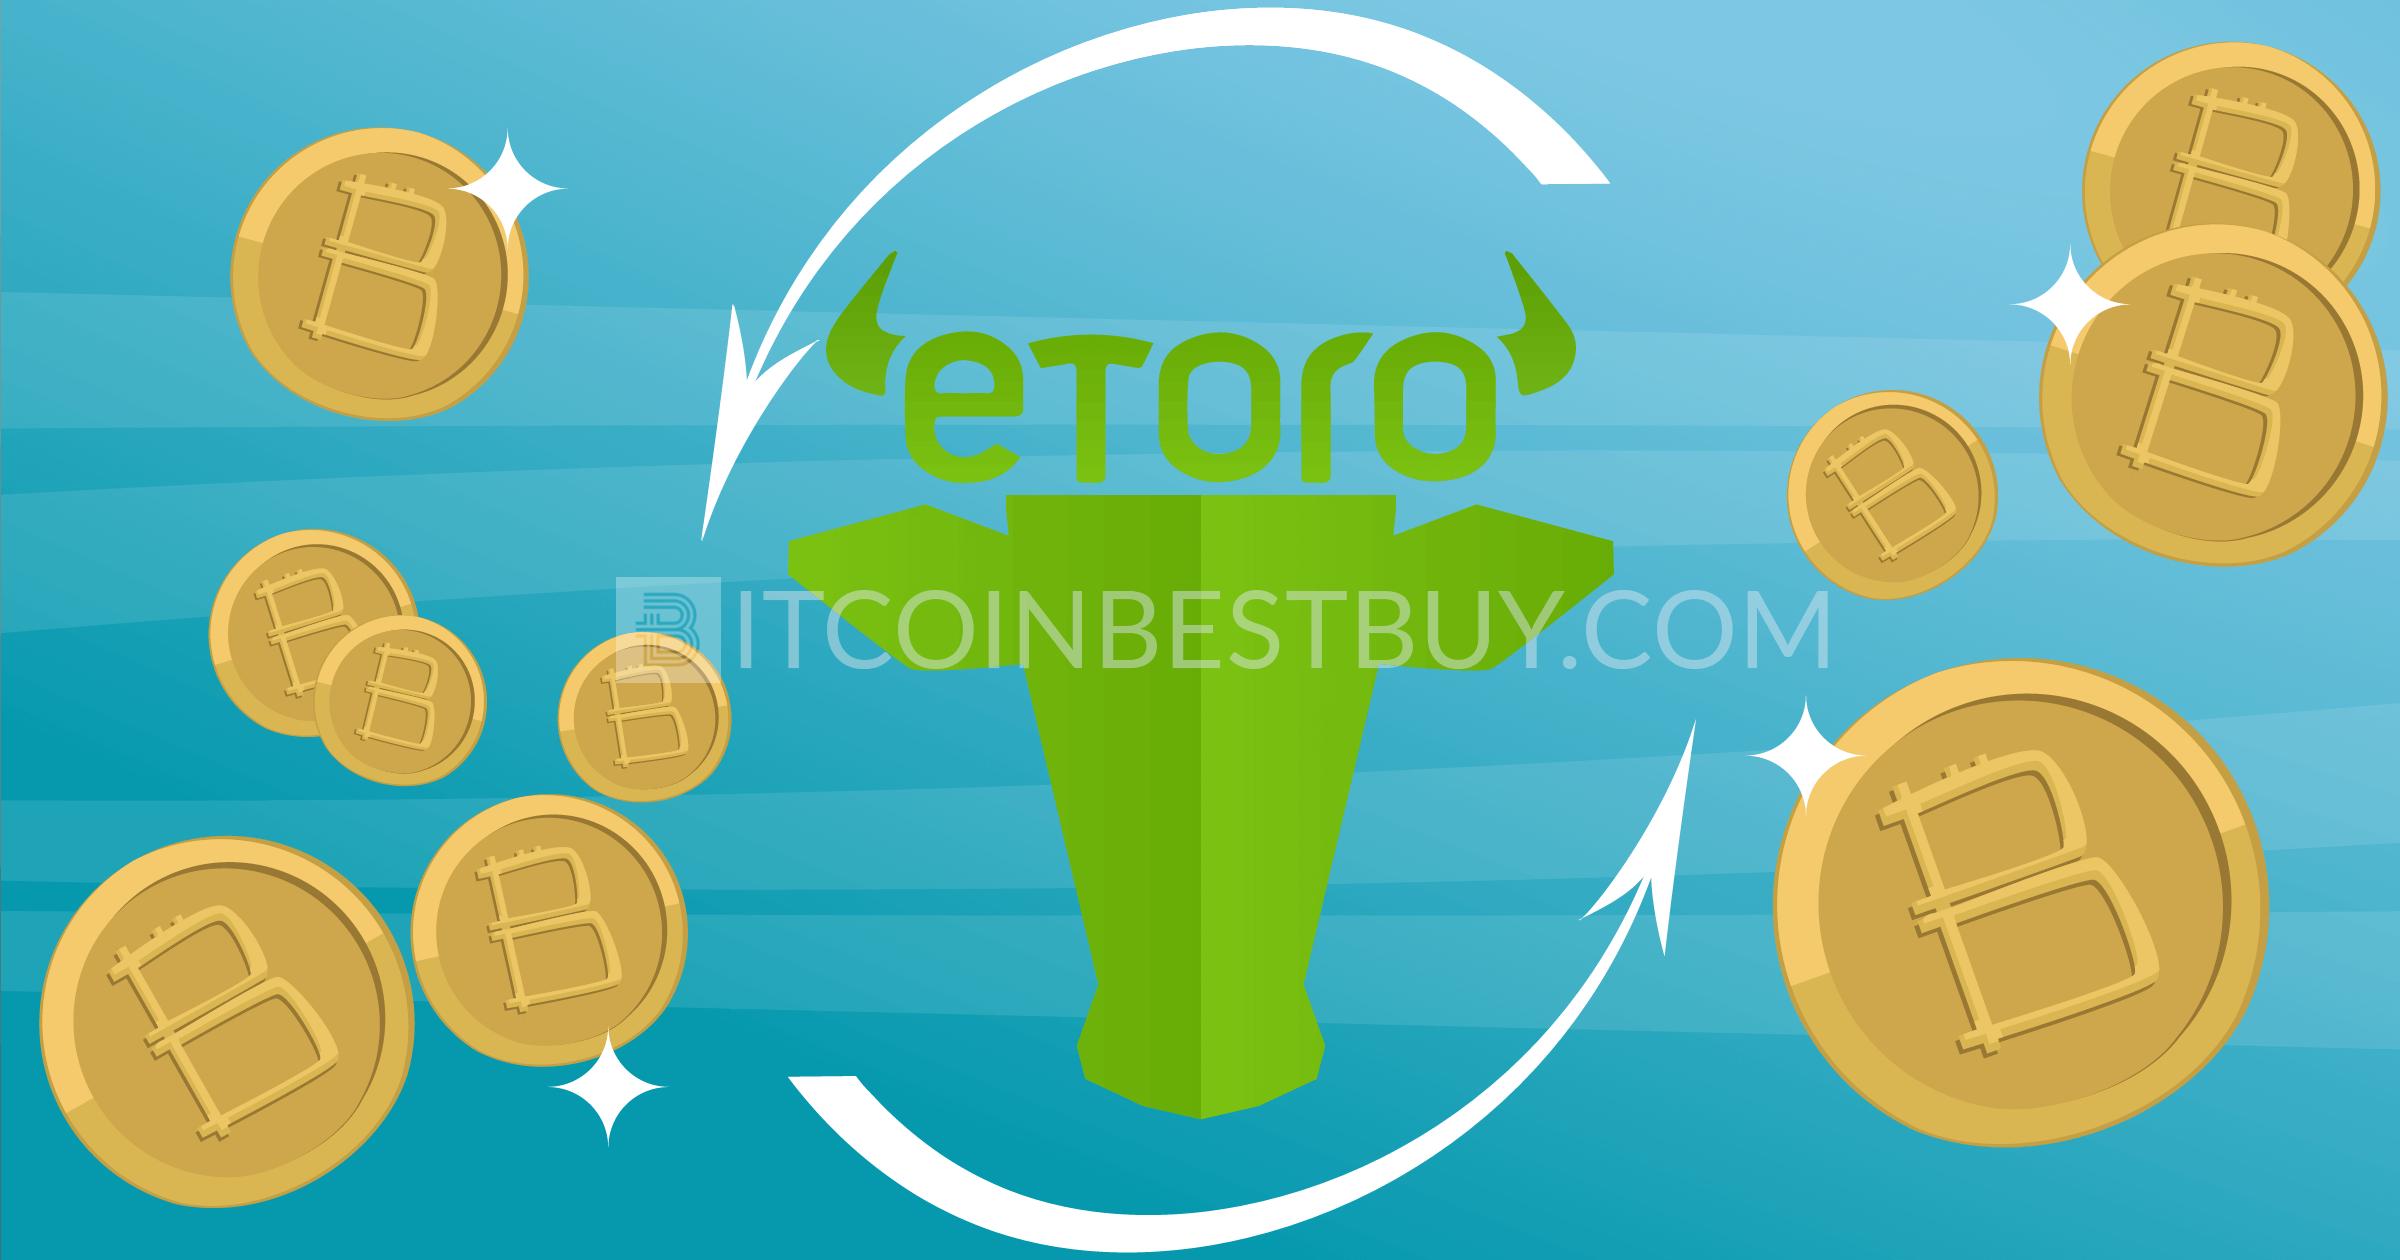 eToro exchange review